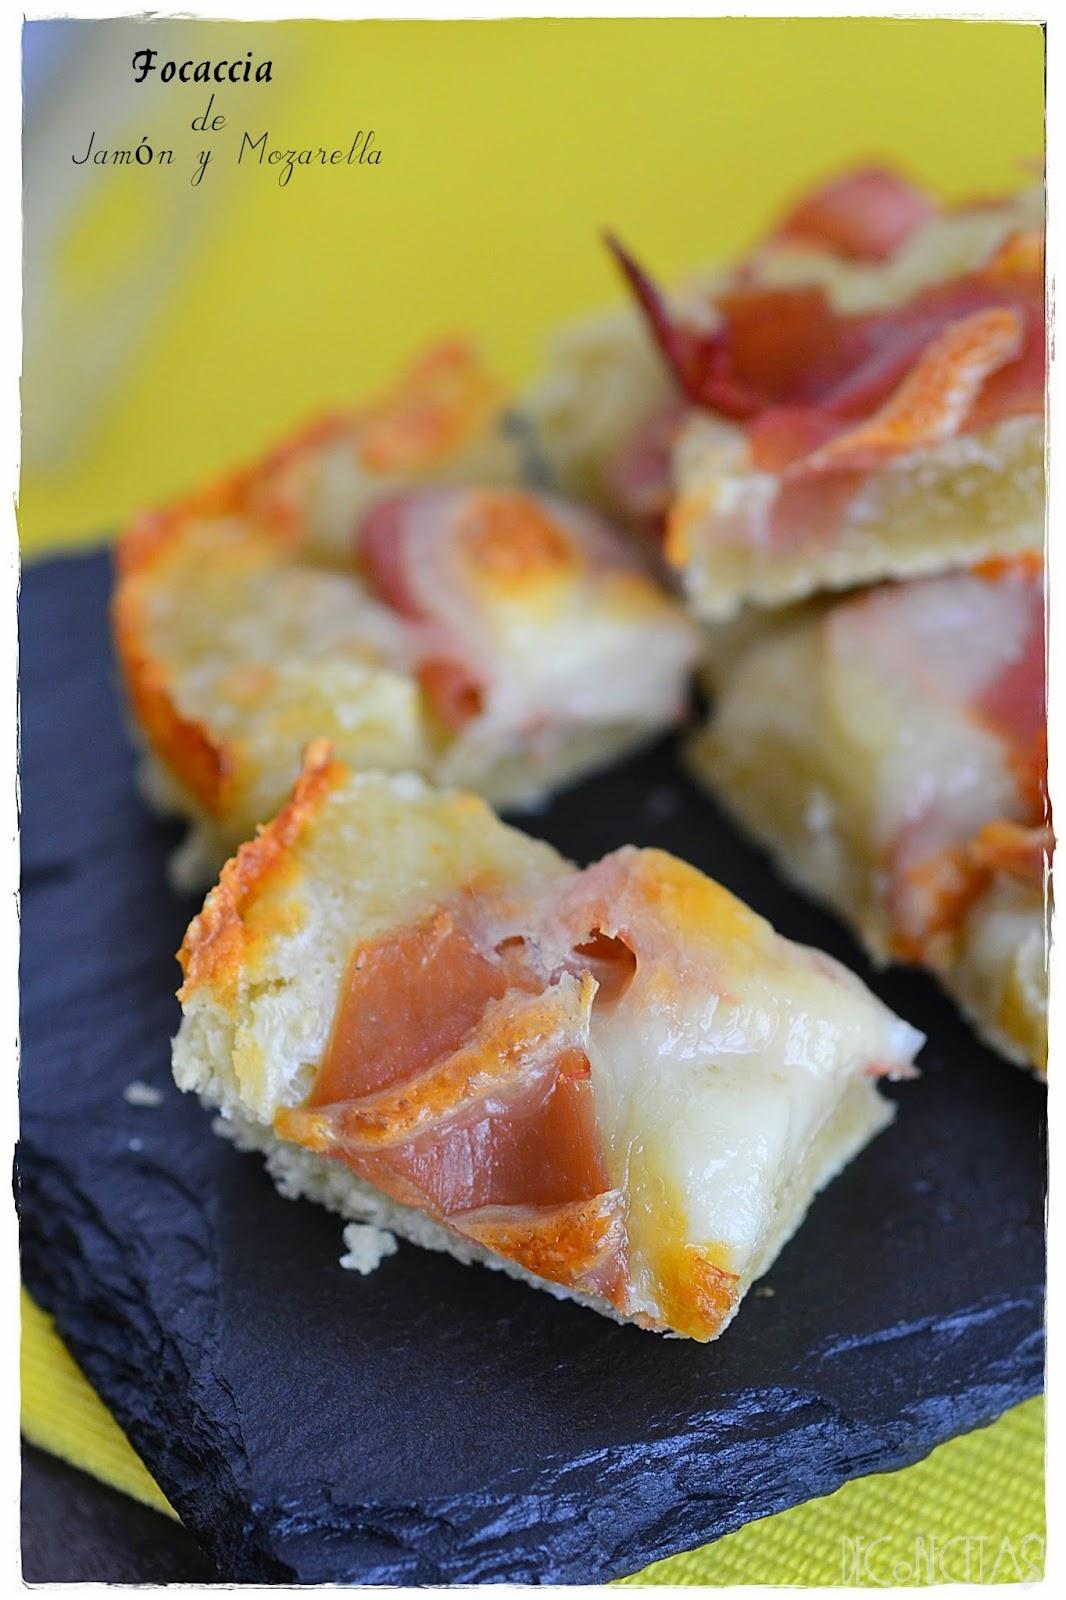 Focaccia de jamón y mozarella